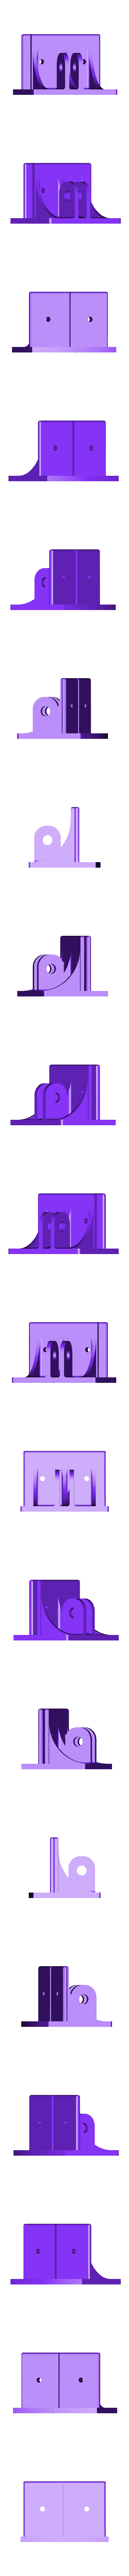 NSKB-80-bottom.stl Télécharger fichier STL gratuit Pièces 3D pour l'imprimante Ceramic DIY • Objet à imprimer en 3D, fgeer